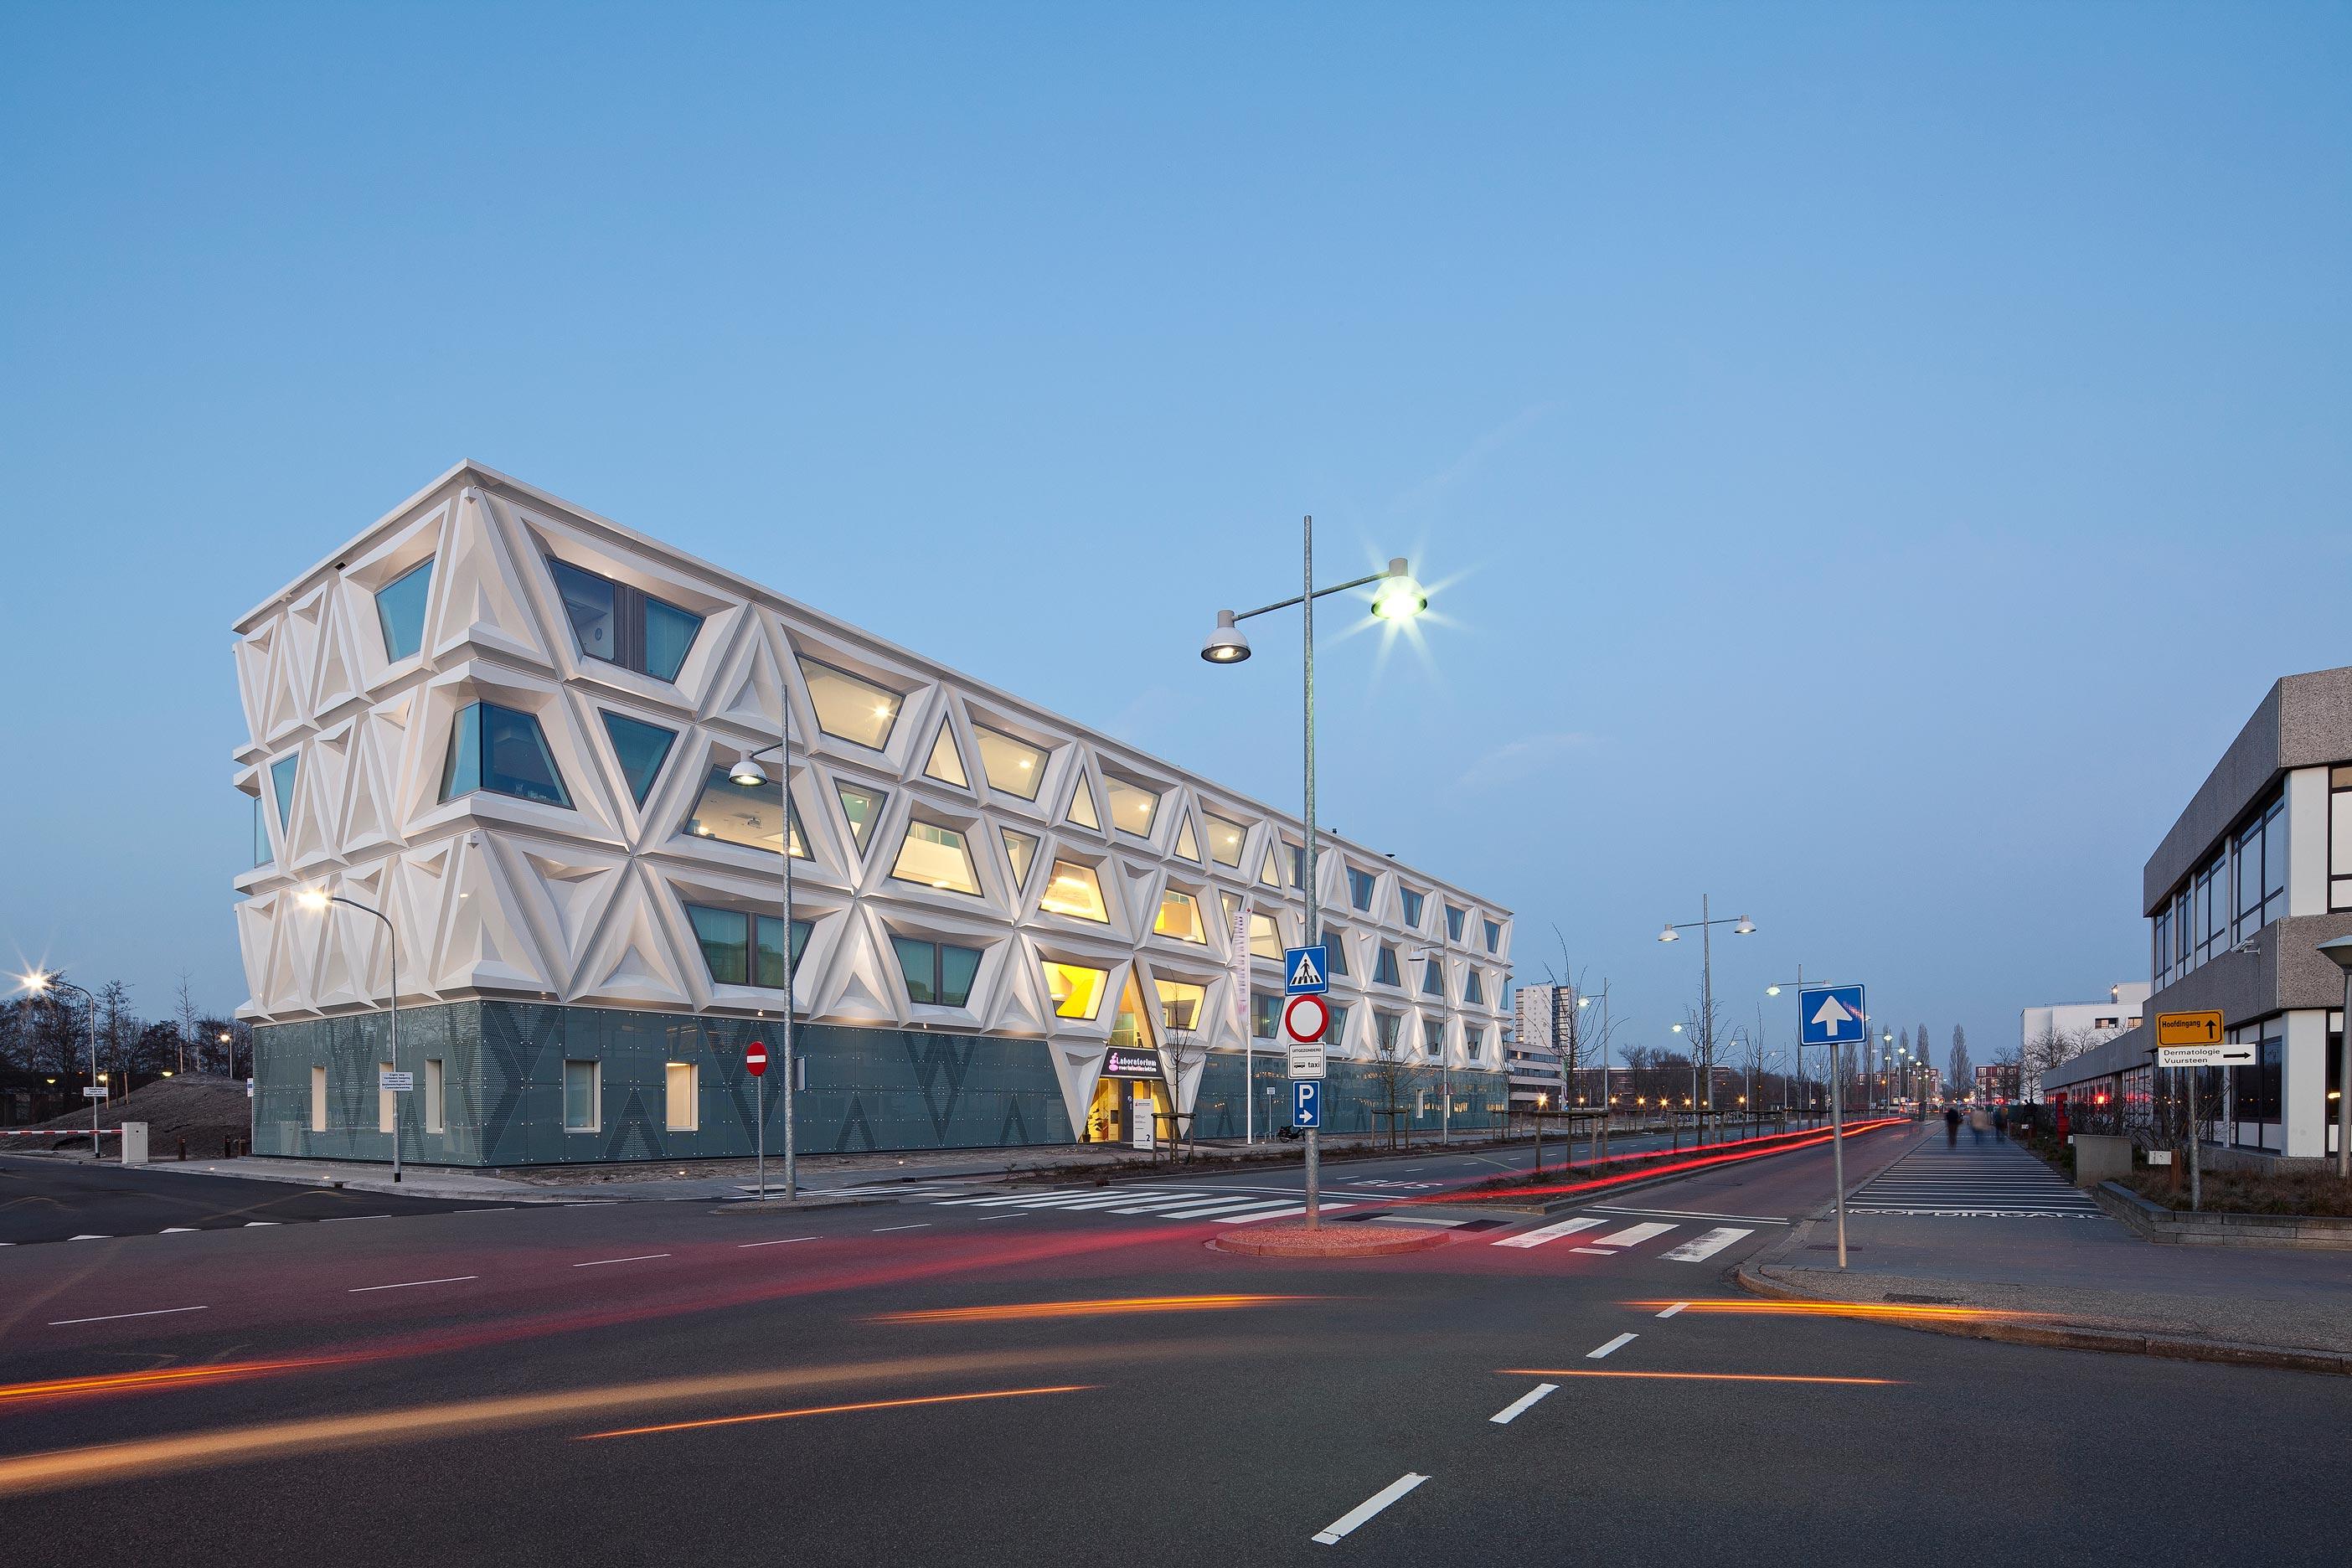 Bonnema onderdeel van de zwarte hond architectuur.nl